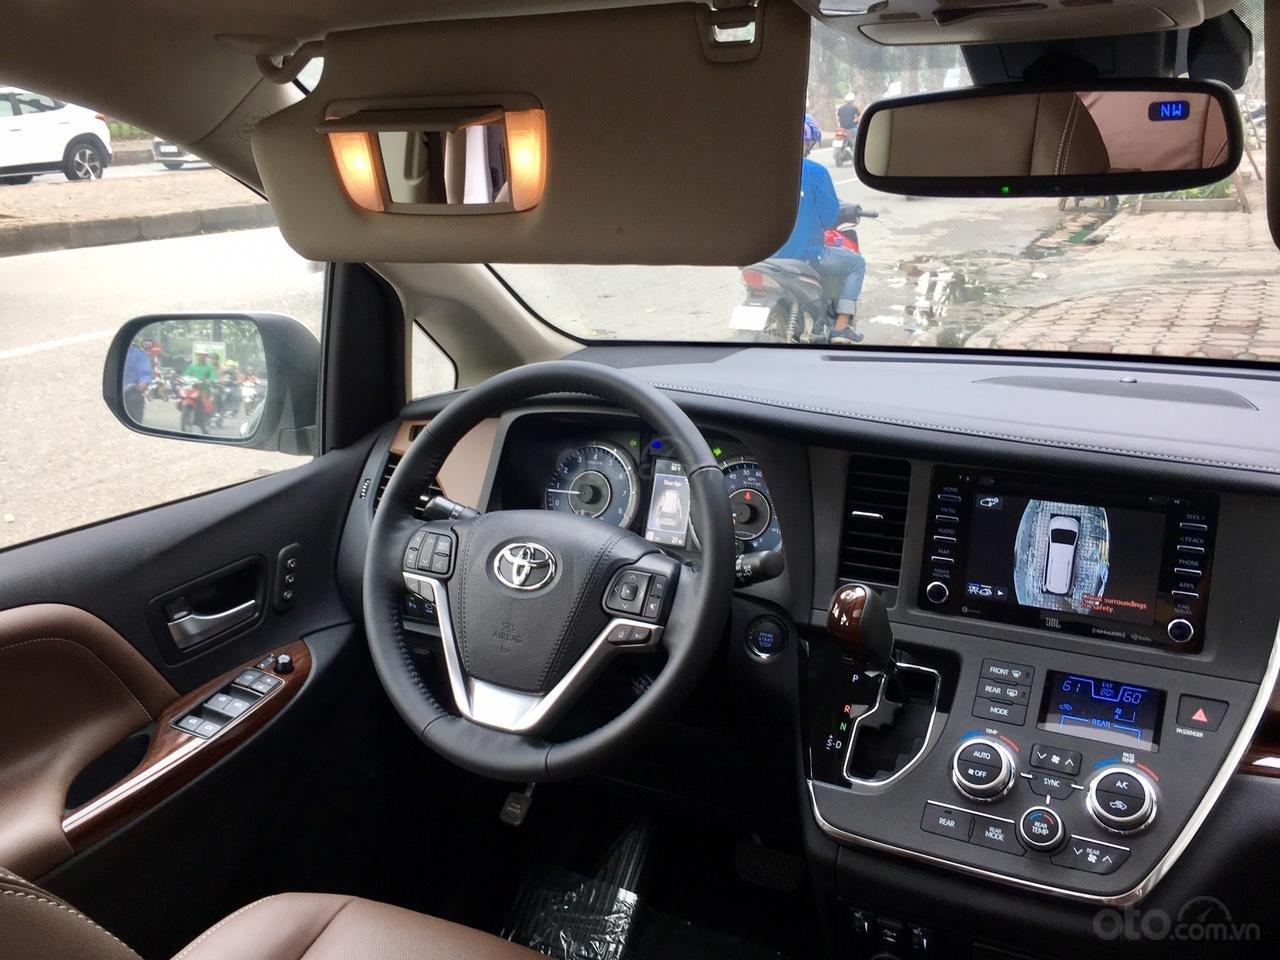 Bán Toyota Sienna Limited 1 cầu model 2020 giao ngay toàn quốc, giá tốt - LH 093.996.2368 Ms Ngọc Vy (18)